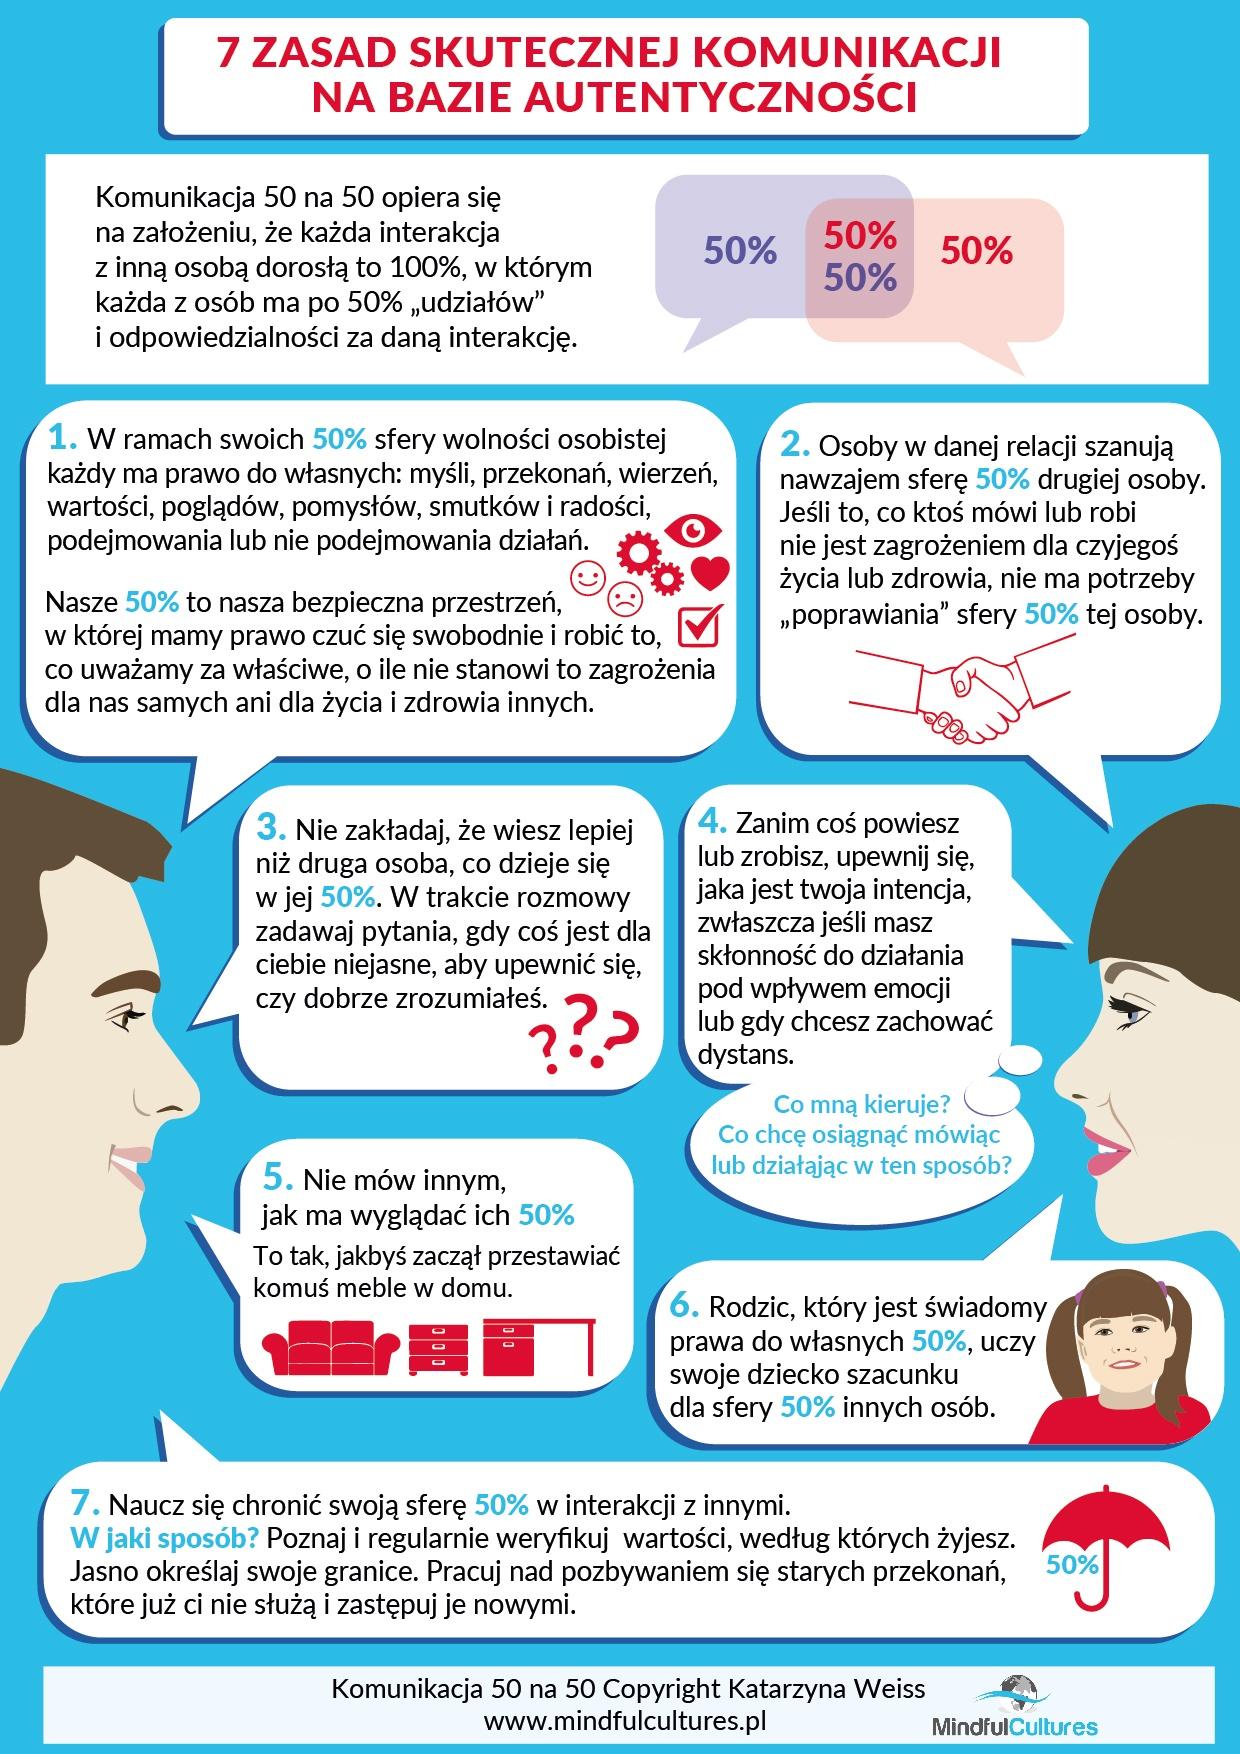 infografika_komunikacja-01 mala